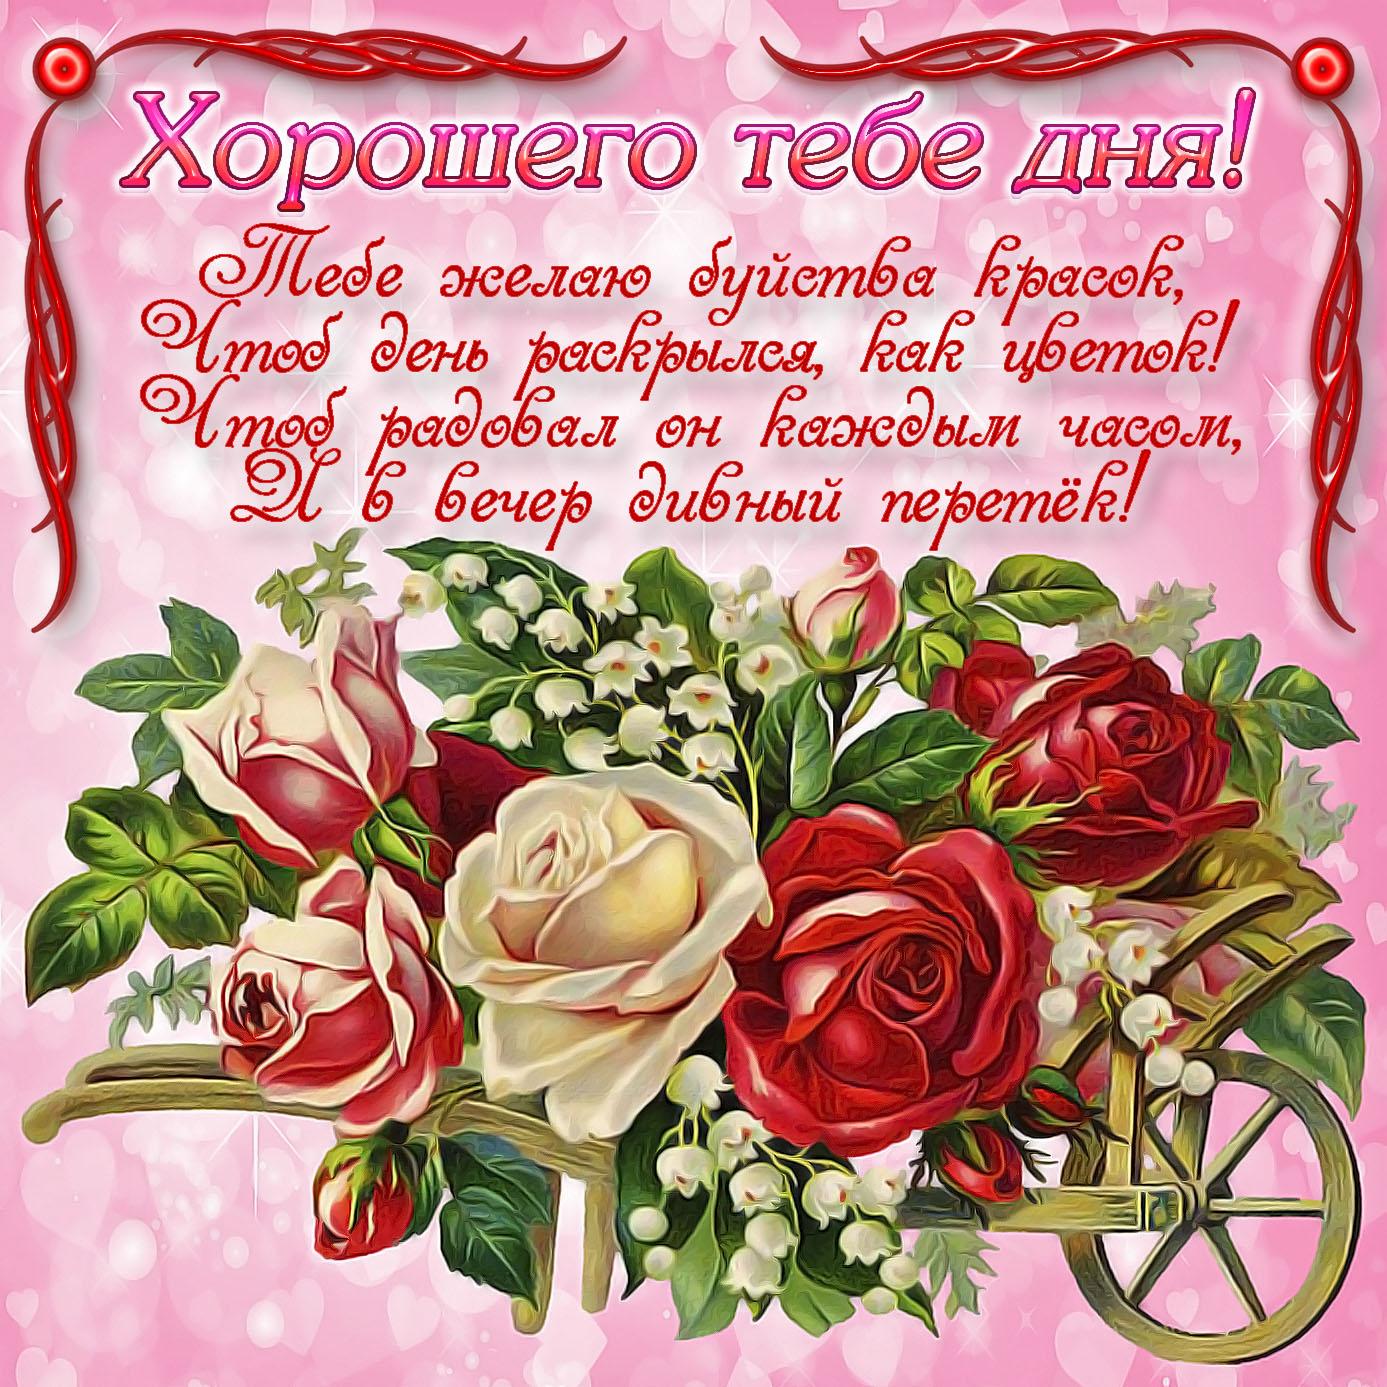 Картинка с букетом на красивом розовом фоне